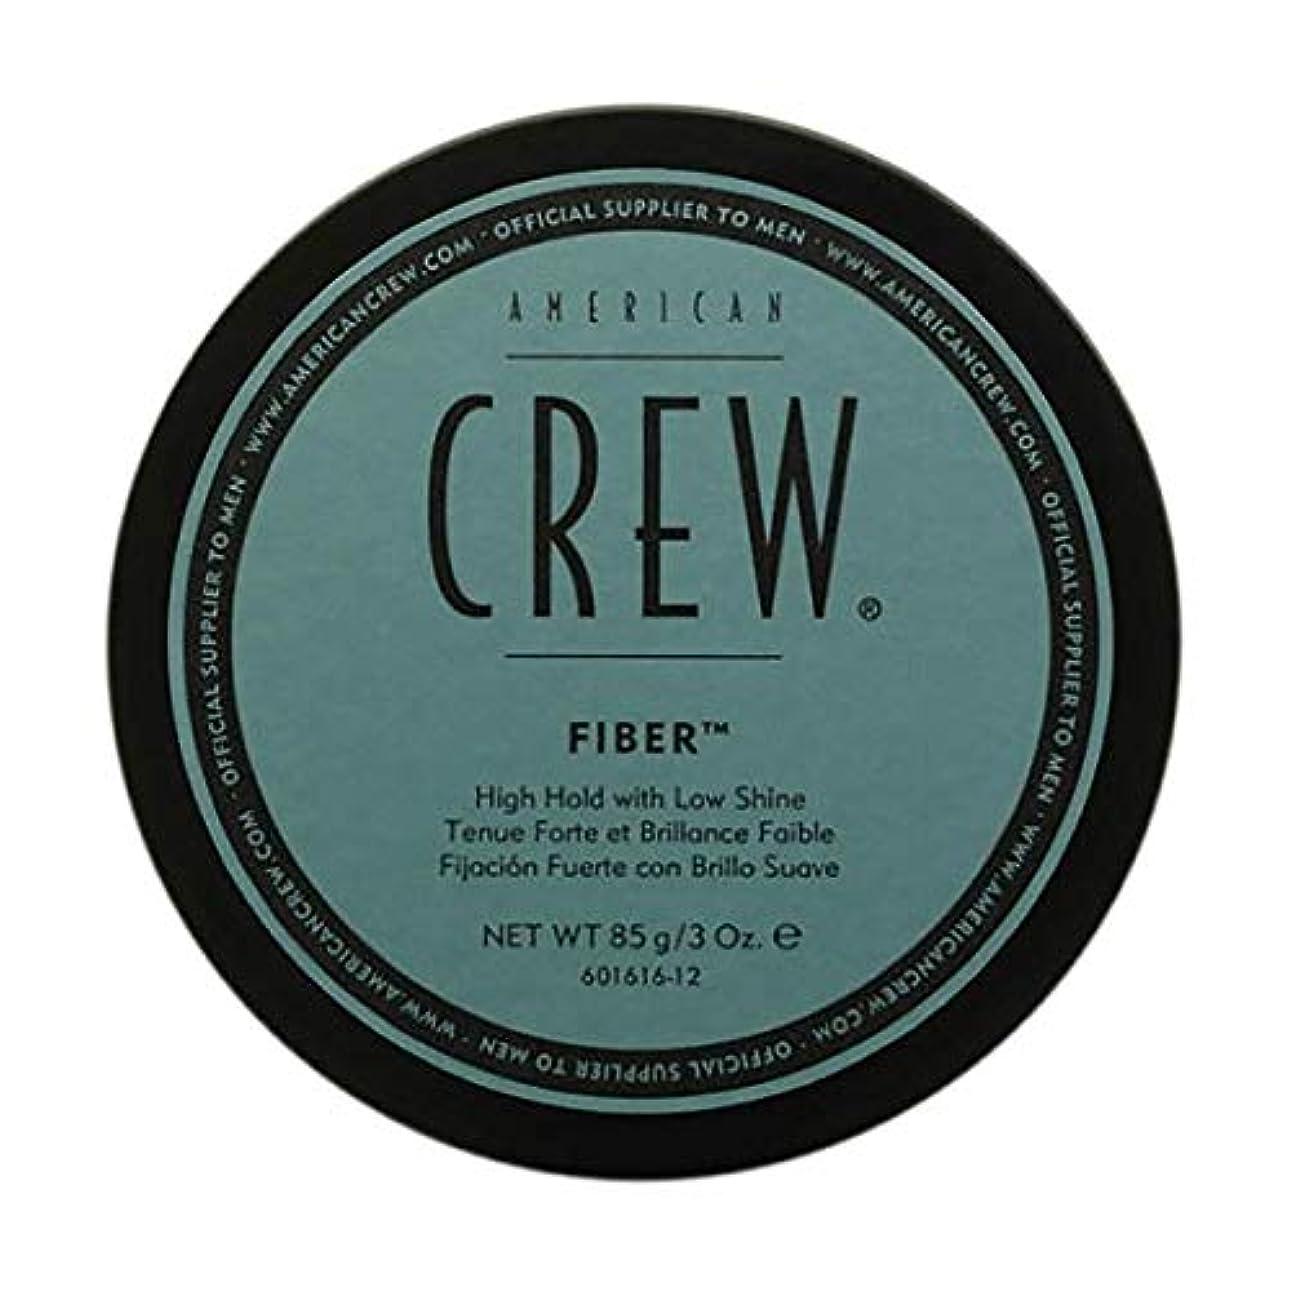 運営真っ逆さま即席アメリカンクルー クラシック ファイバー American Crew Fiber 85g [並行輸入品]